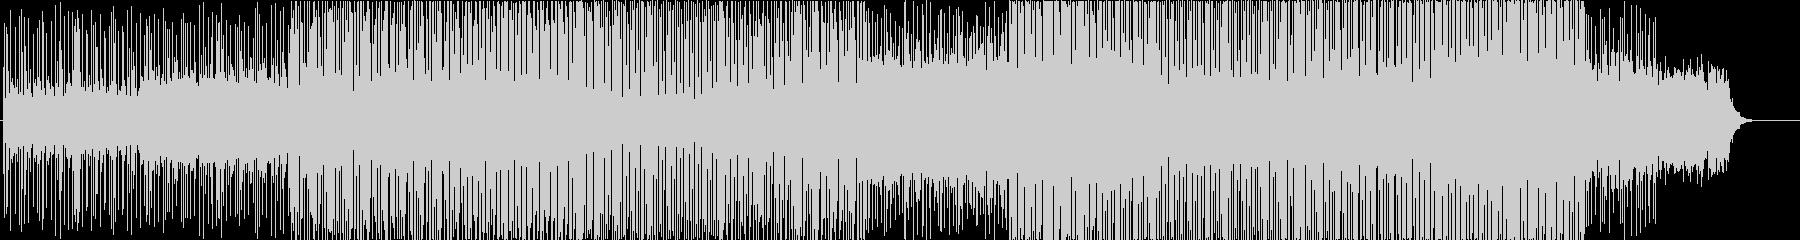 近未来的でメルヘンなファンタジックBGMの未再生の波形